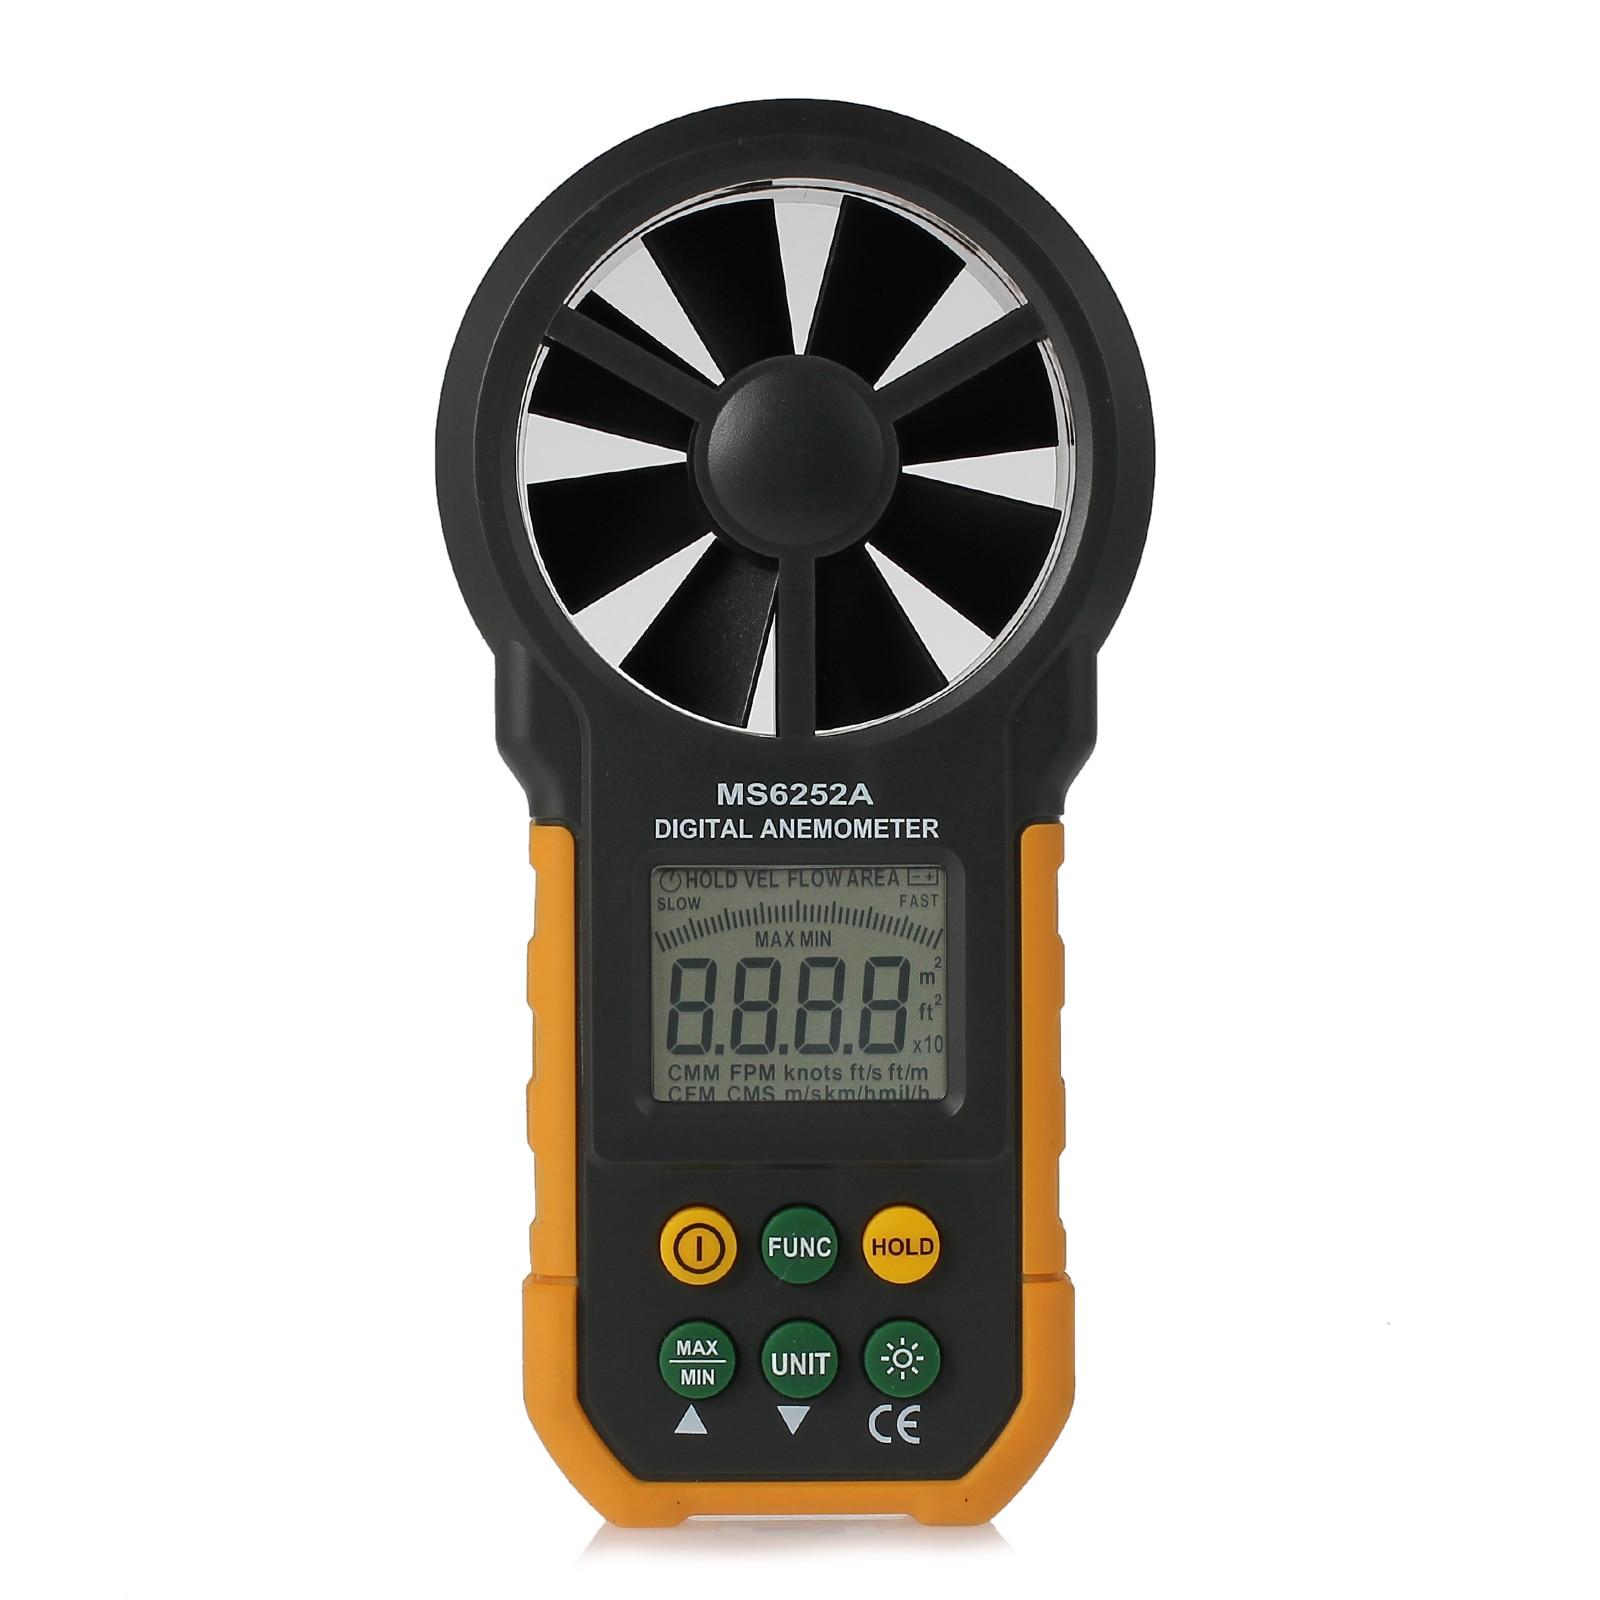 Appareil de contrôle numérique de compteur de vitesse de vent d'anémomètre de Neoteck avec l'affichage de contre-jour d'affichage à cristaux liquides 6252A multifonction Anémomètre numérique Testeur - 5